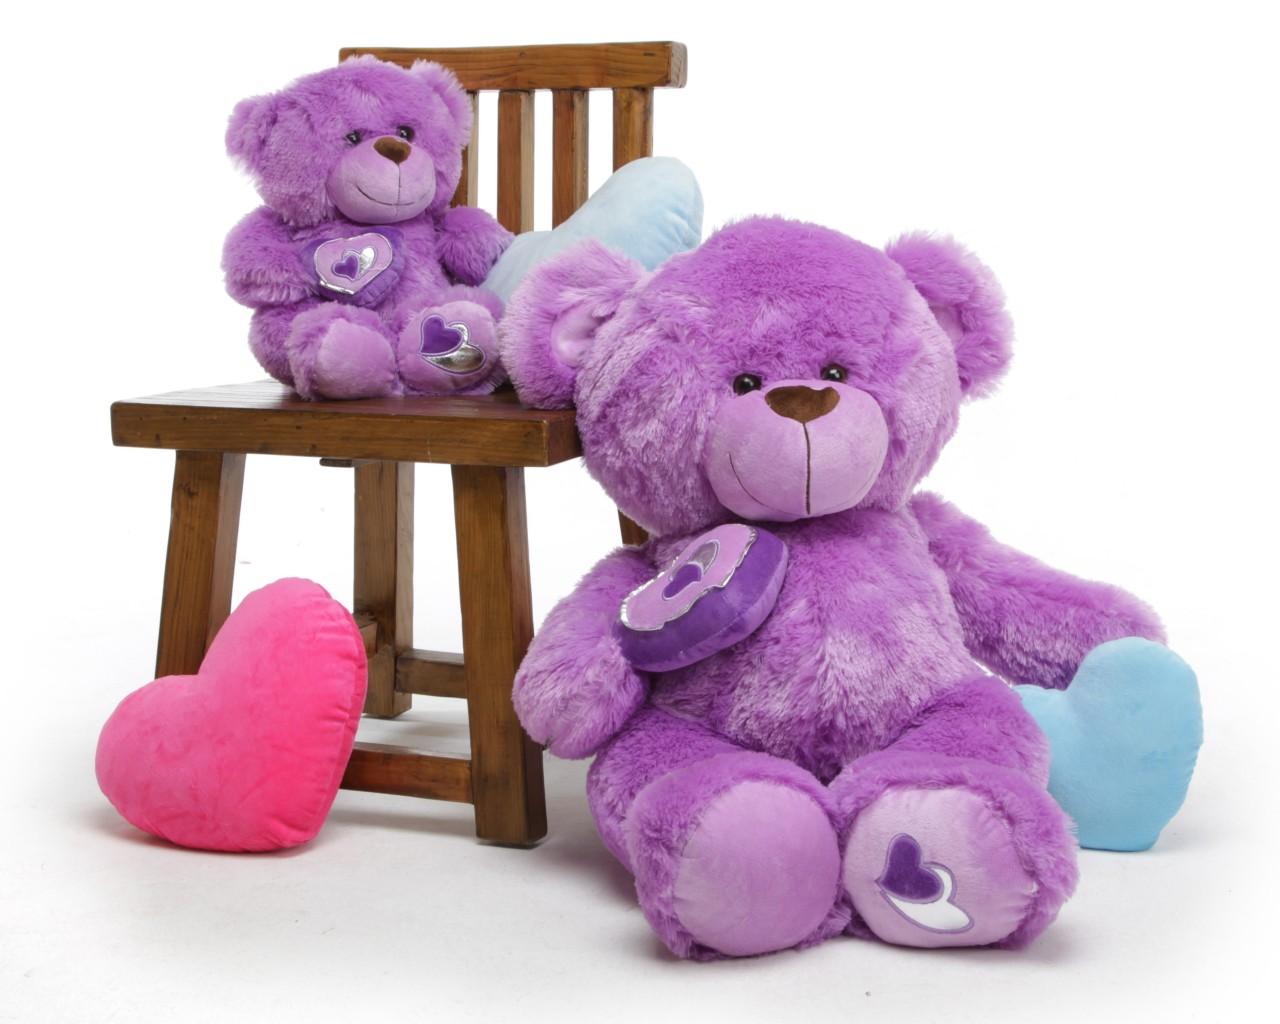 Boneka Teddy Bear Galau Aaaa Lucu Bageeettt